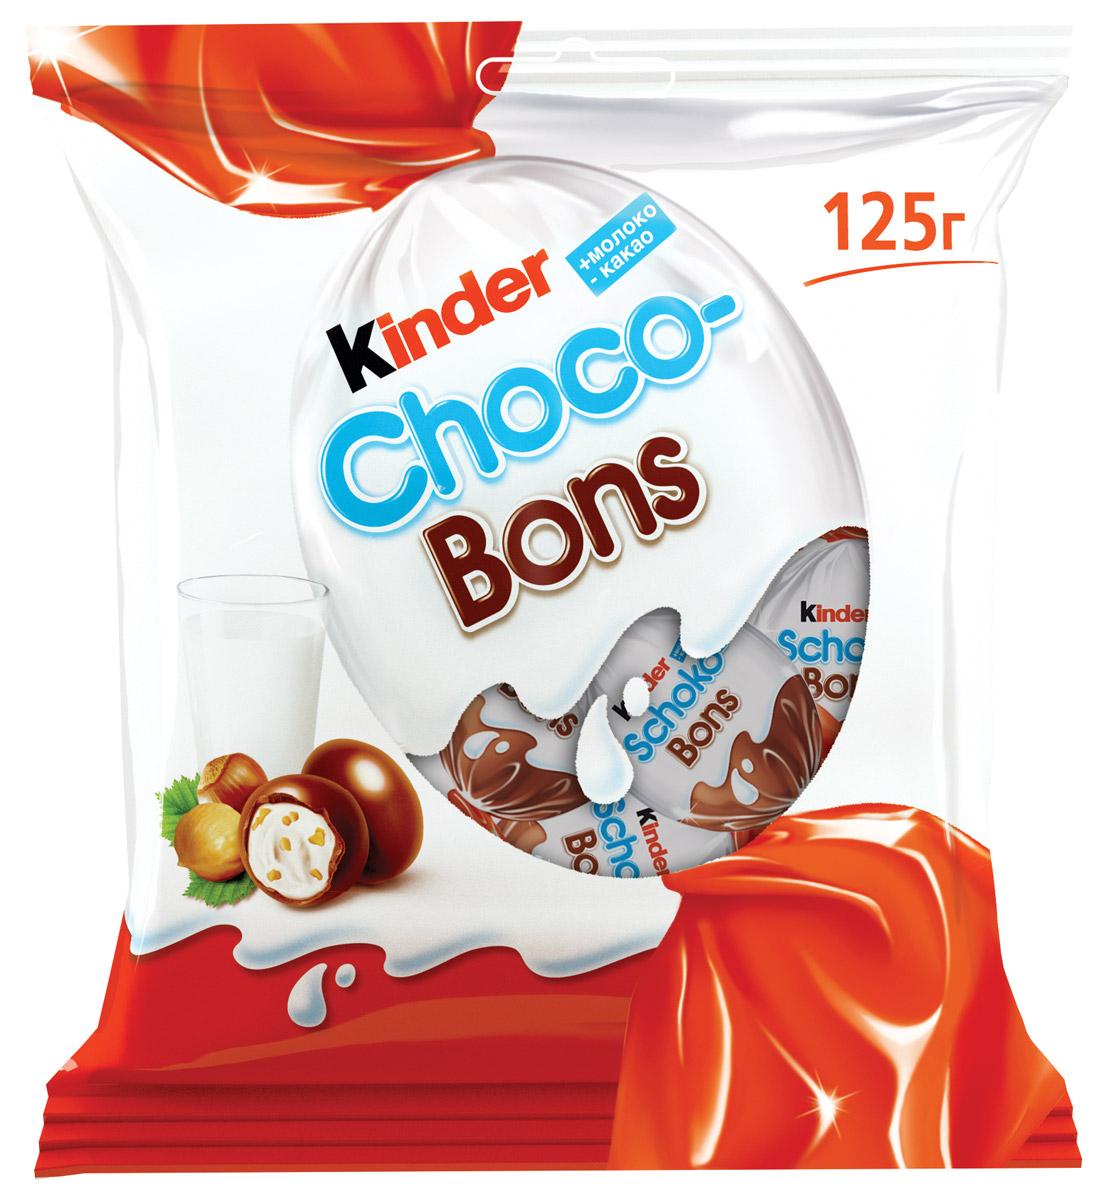 Kinder Choco Bons конфеты из молочного шоколада с молочно-ореховой начинкой, 125 г kinder mix носорог подарочный набор с игрушкой 137 5 г